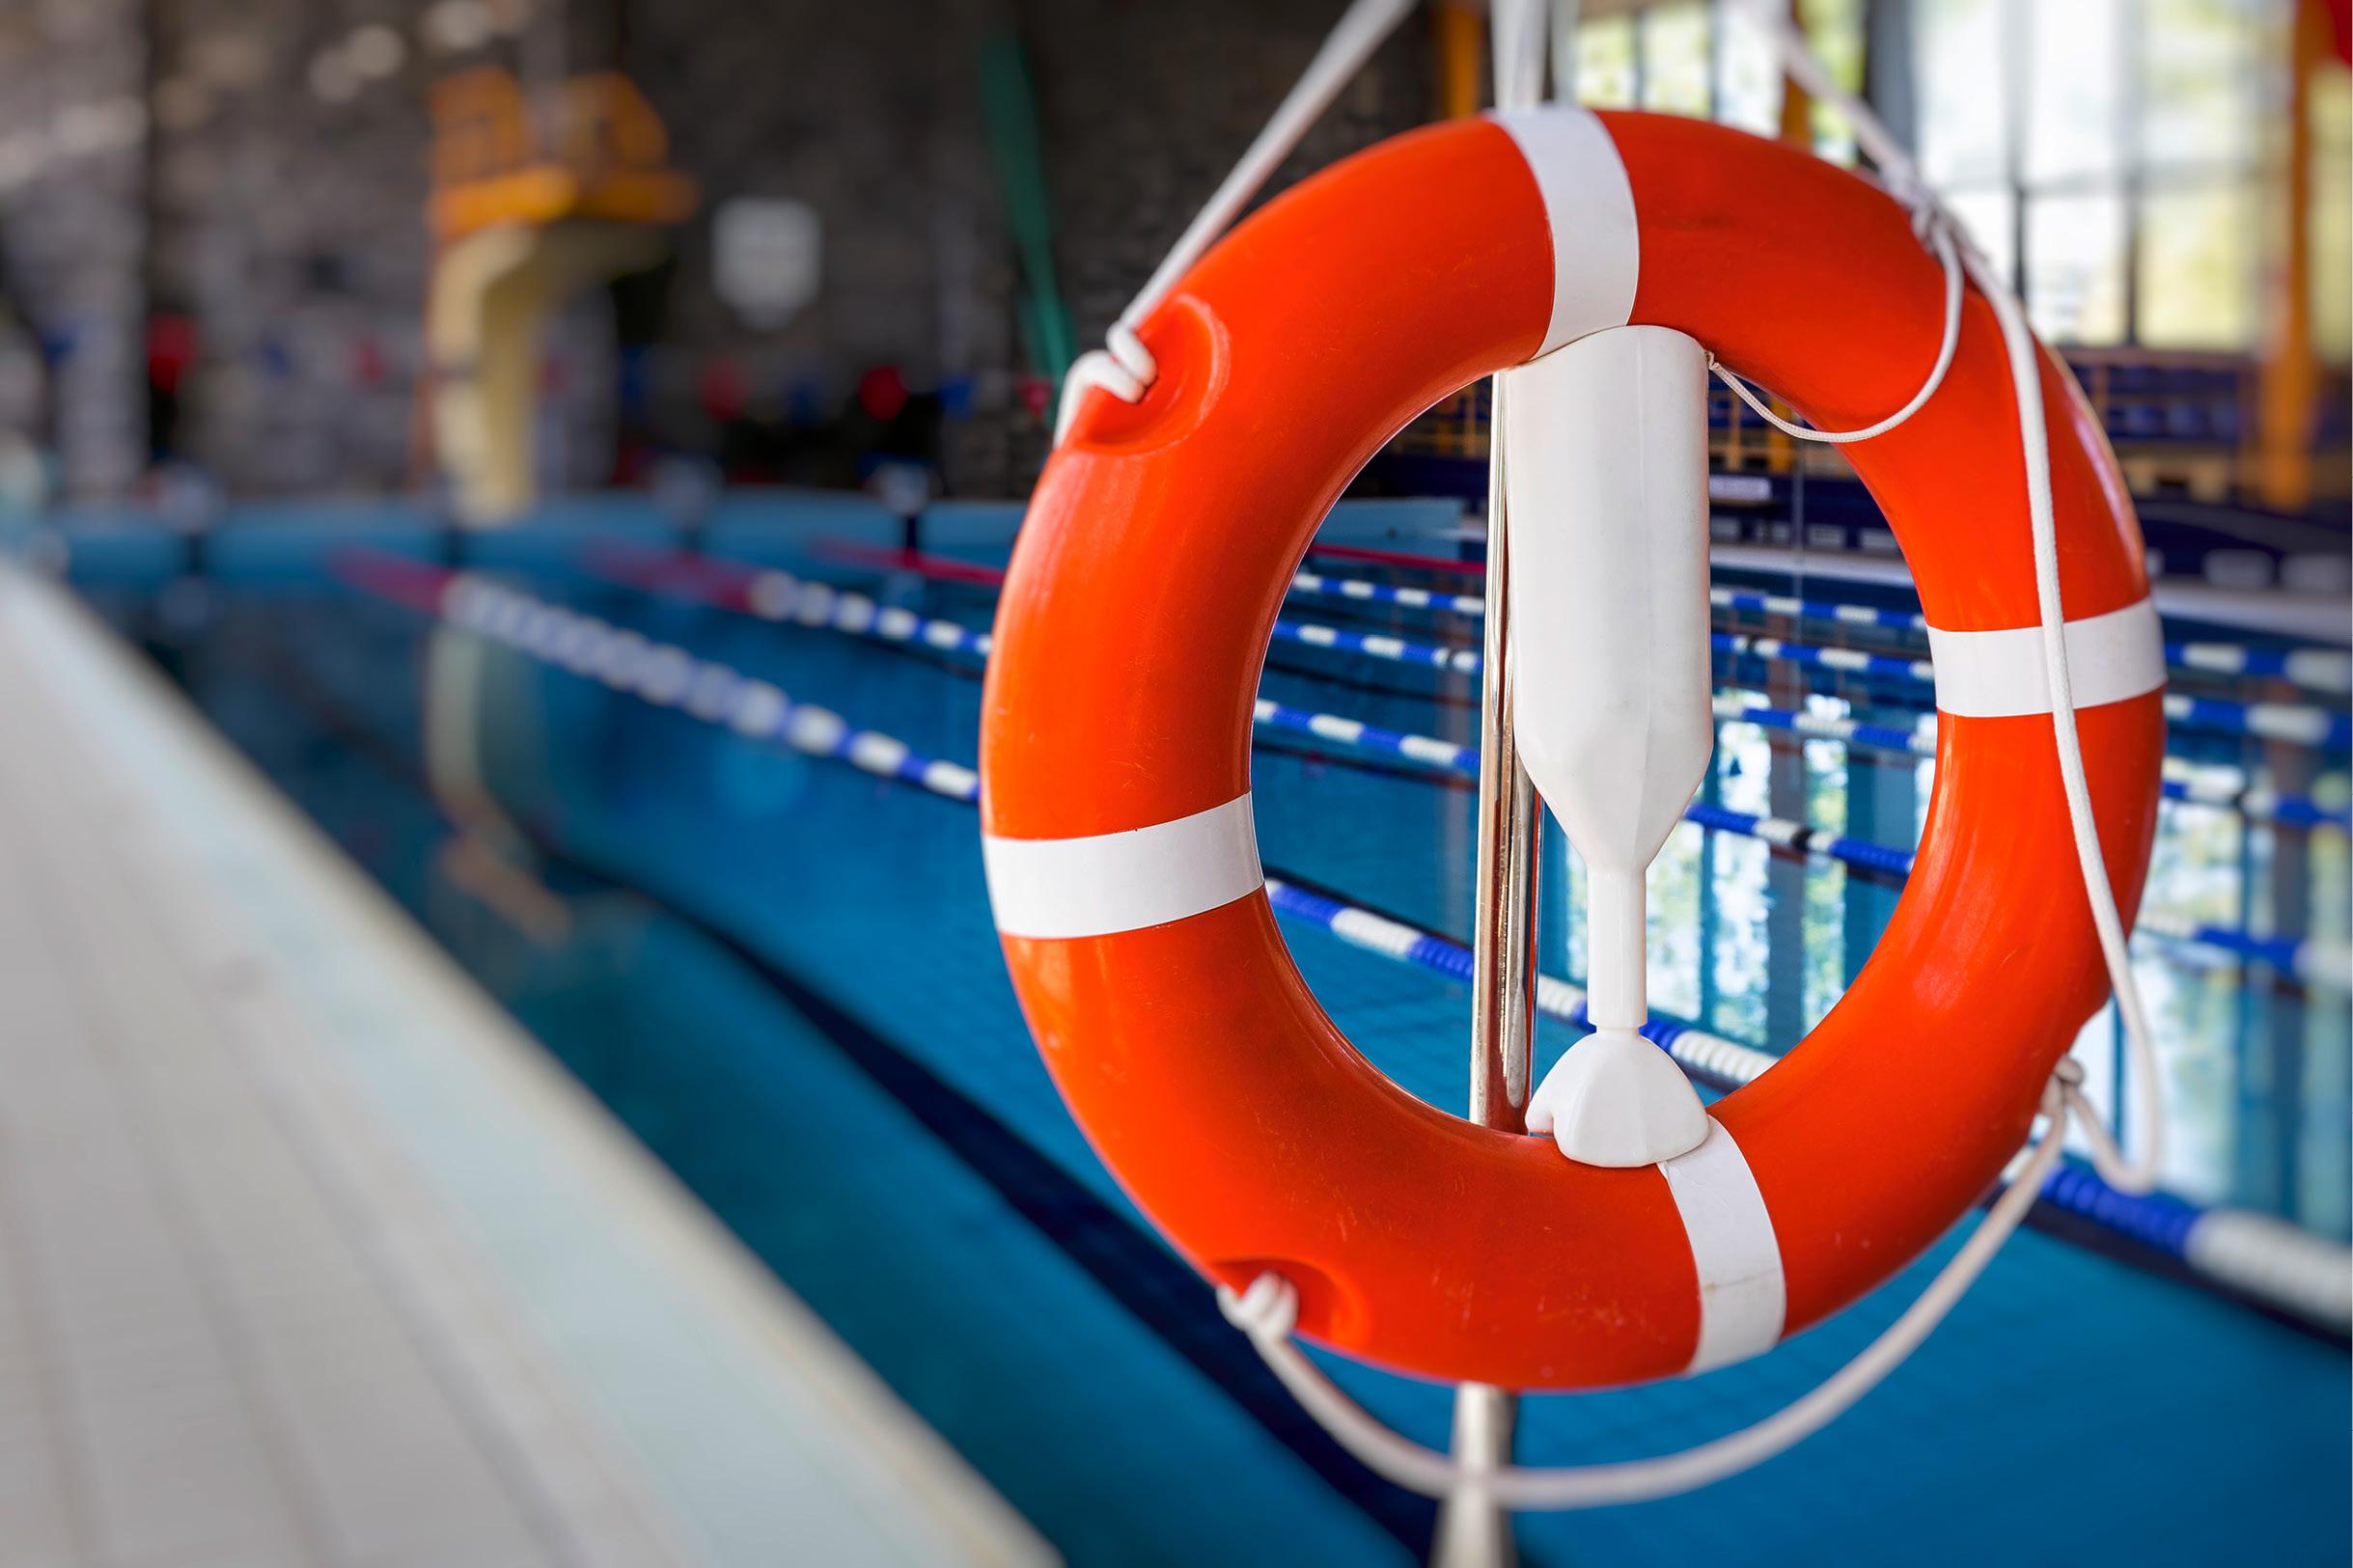 Ein Rettungsring hängt griffbereit am Rand eines Schwimmbeckens.